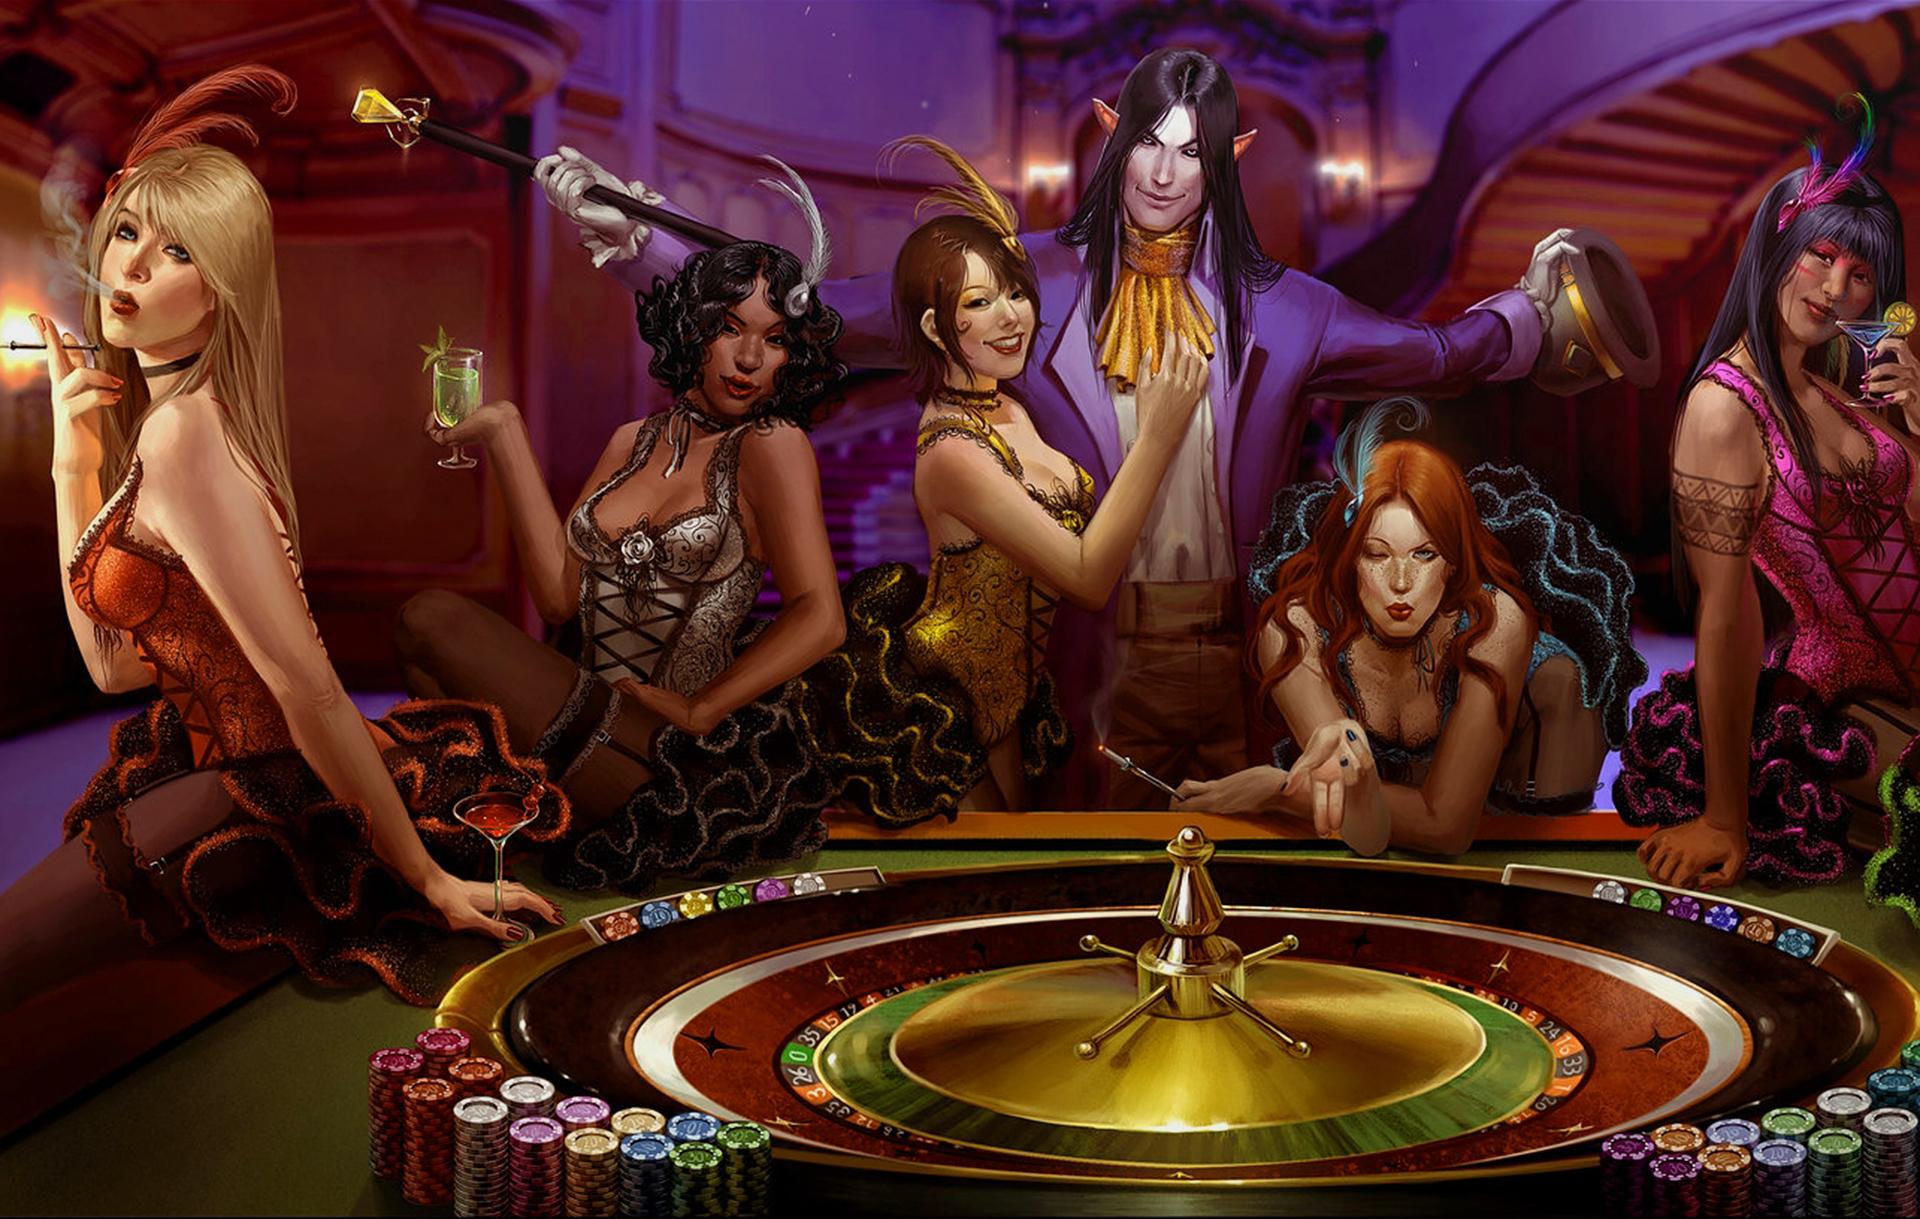 торт рулетка казино фото